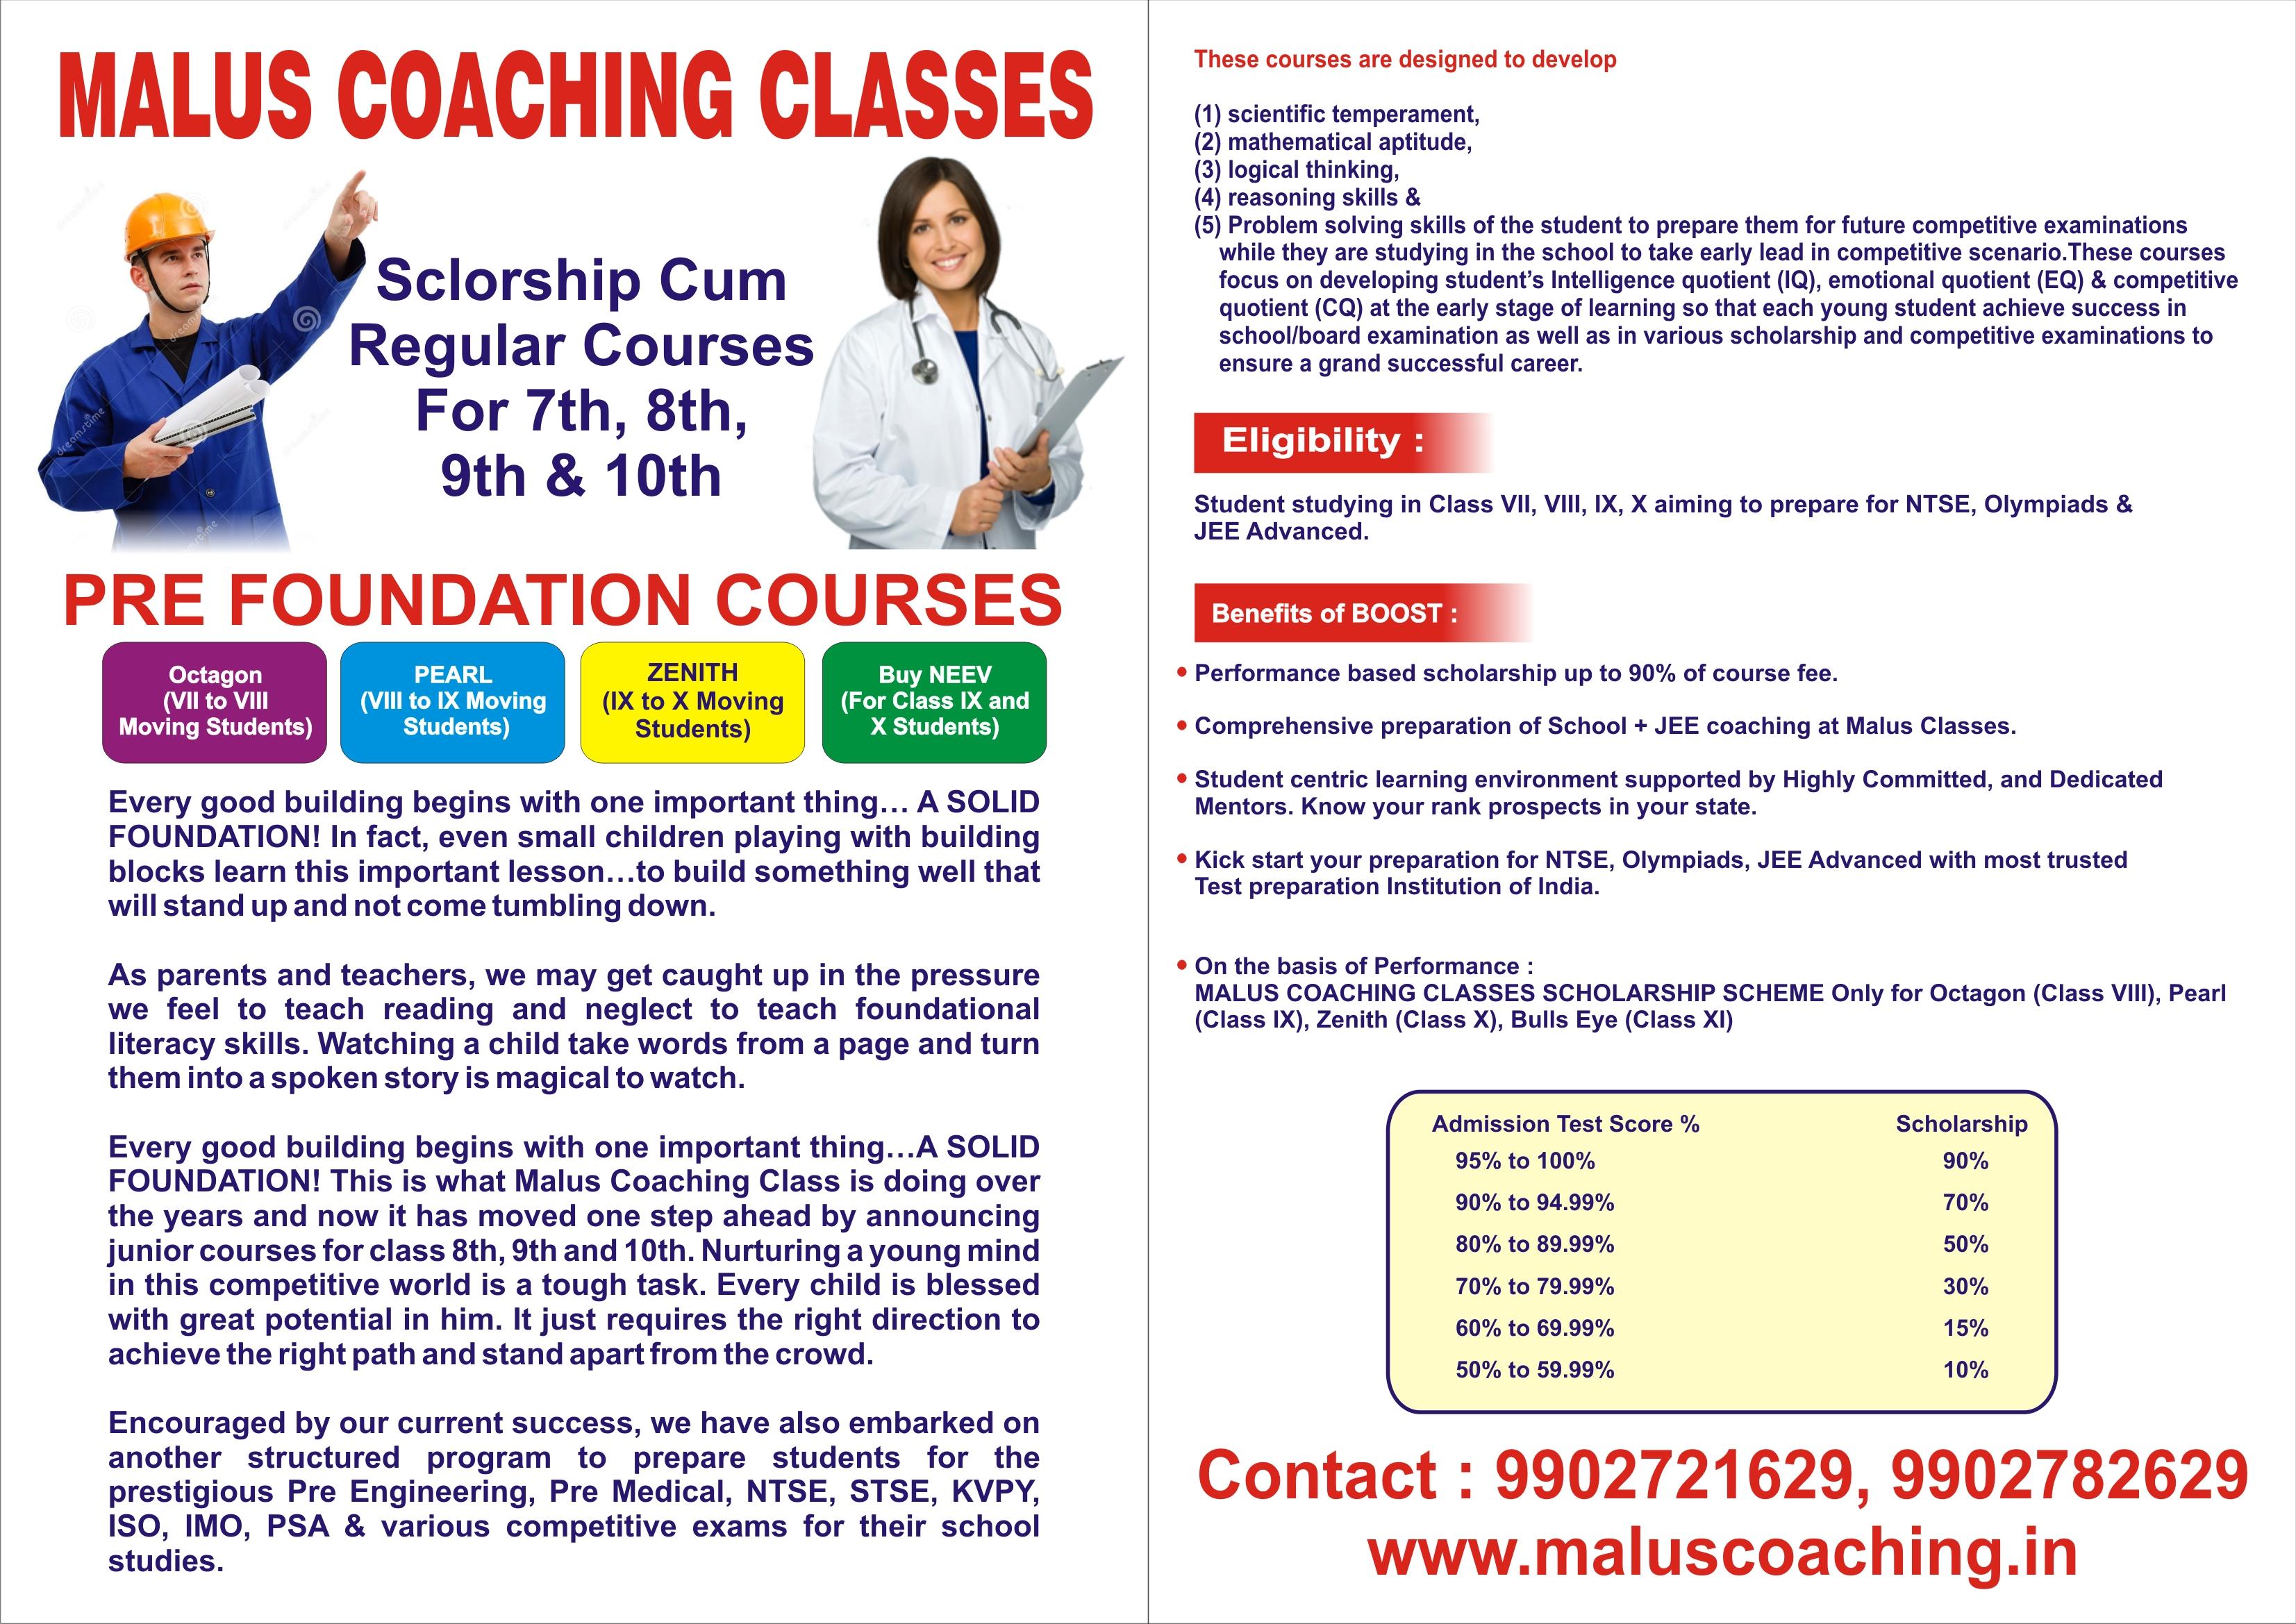 Malus Coaching Classes